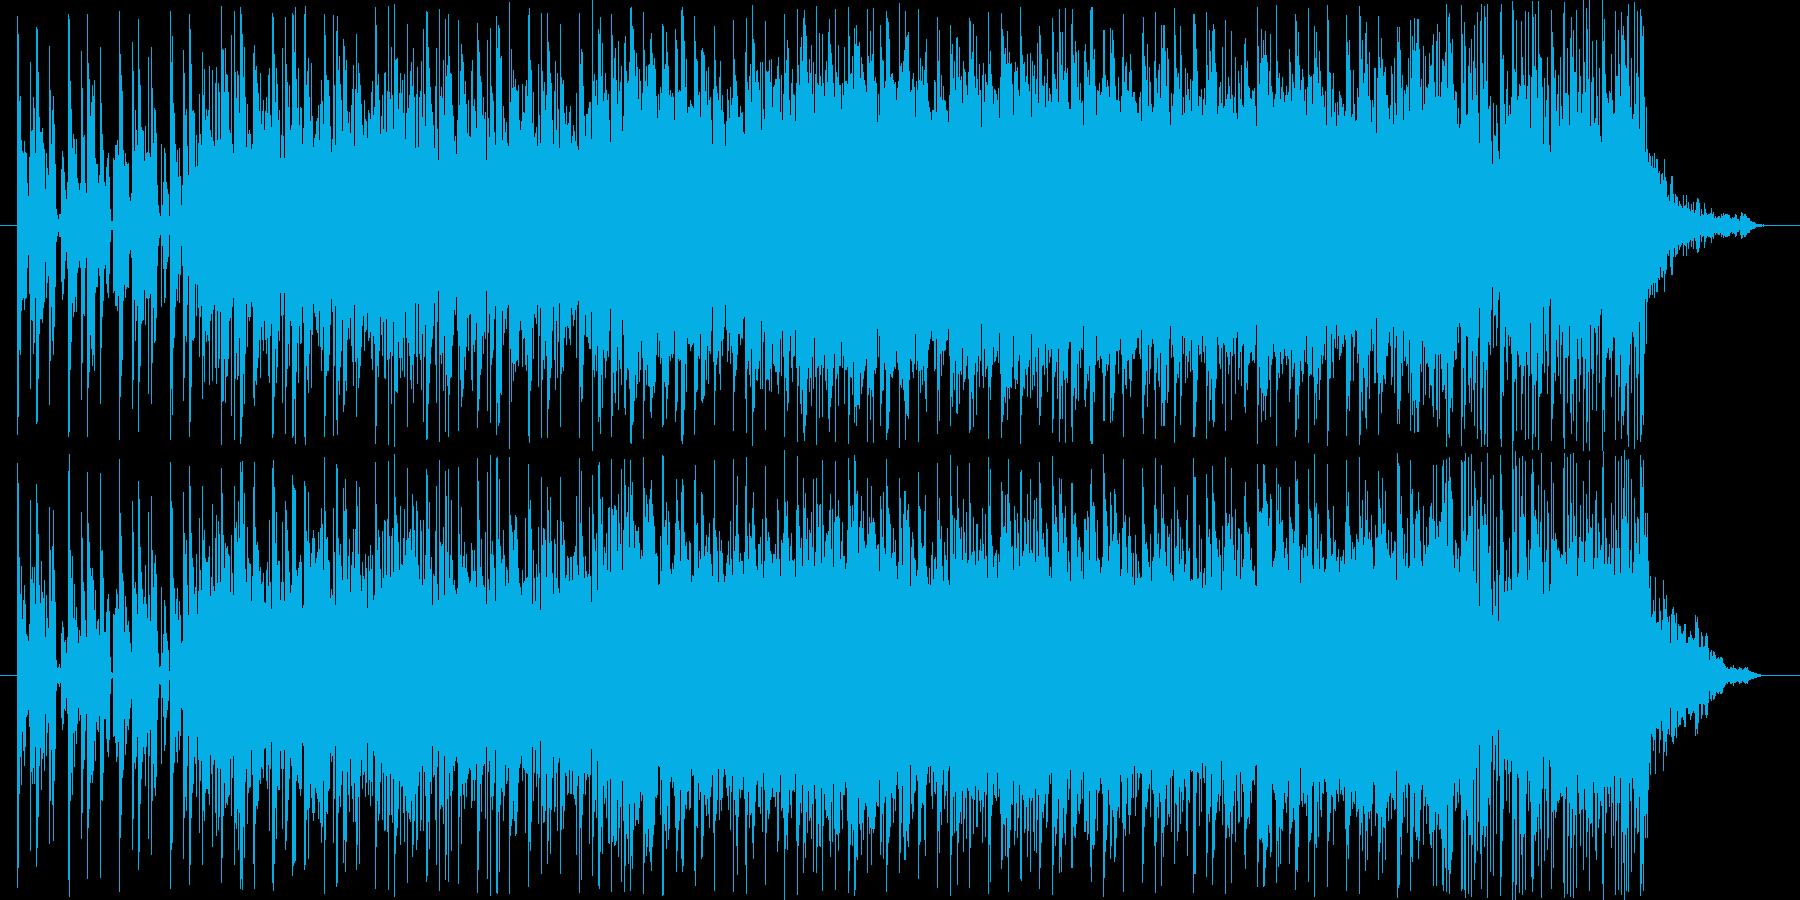 メカニック系の商品に合う激しいテクノの再生済みの波形